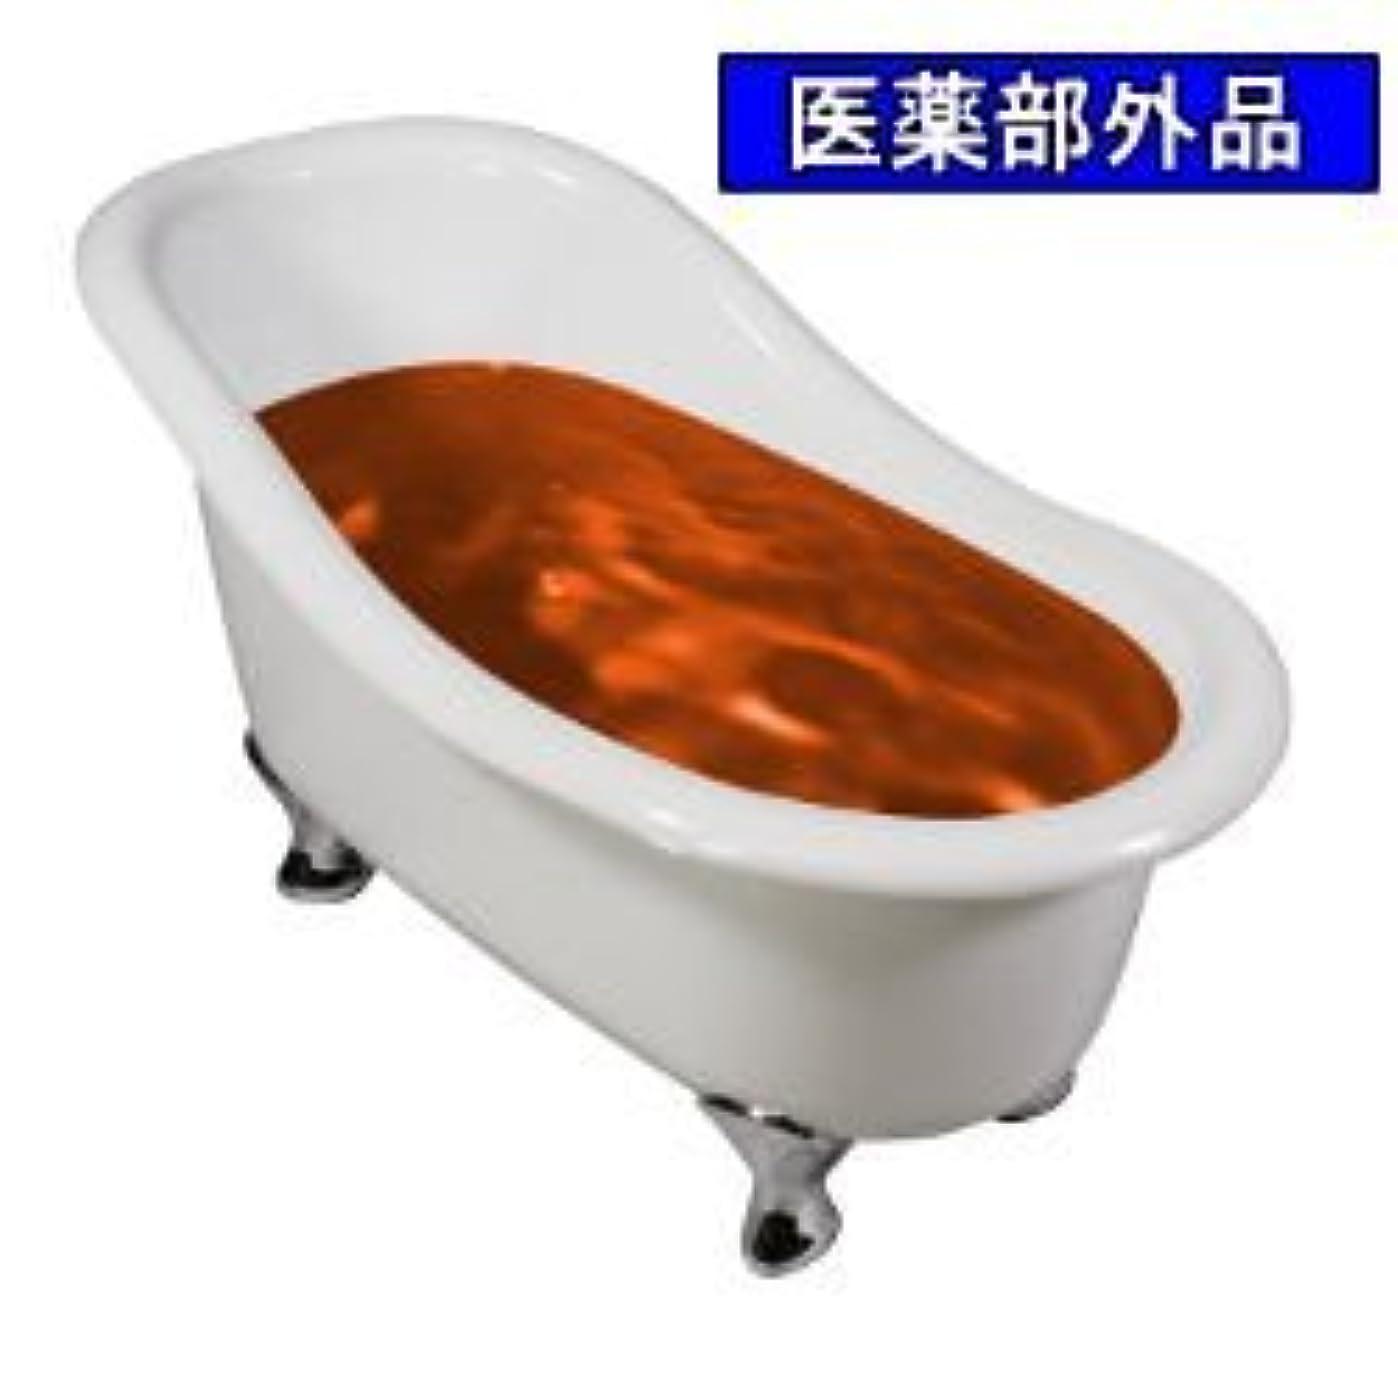 フロンティア筋広告業務用薬用入浴剤バスフレンド ふくじゅこう 17kg 医薬部外品